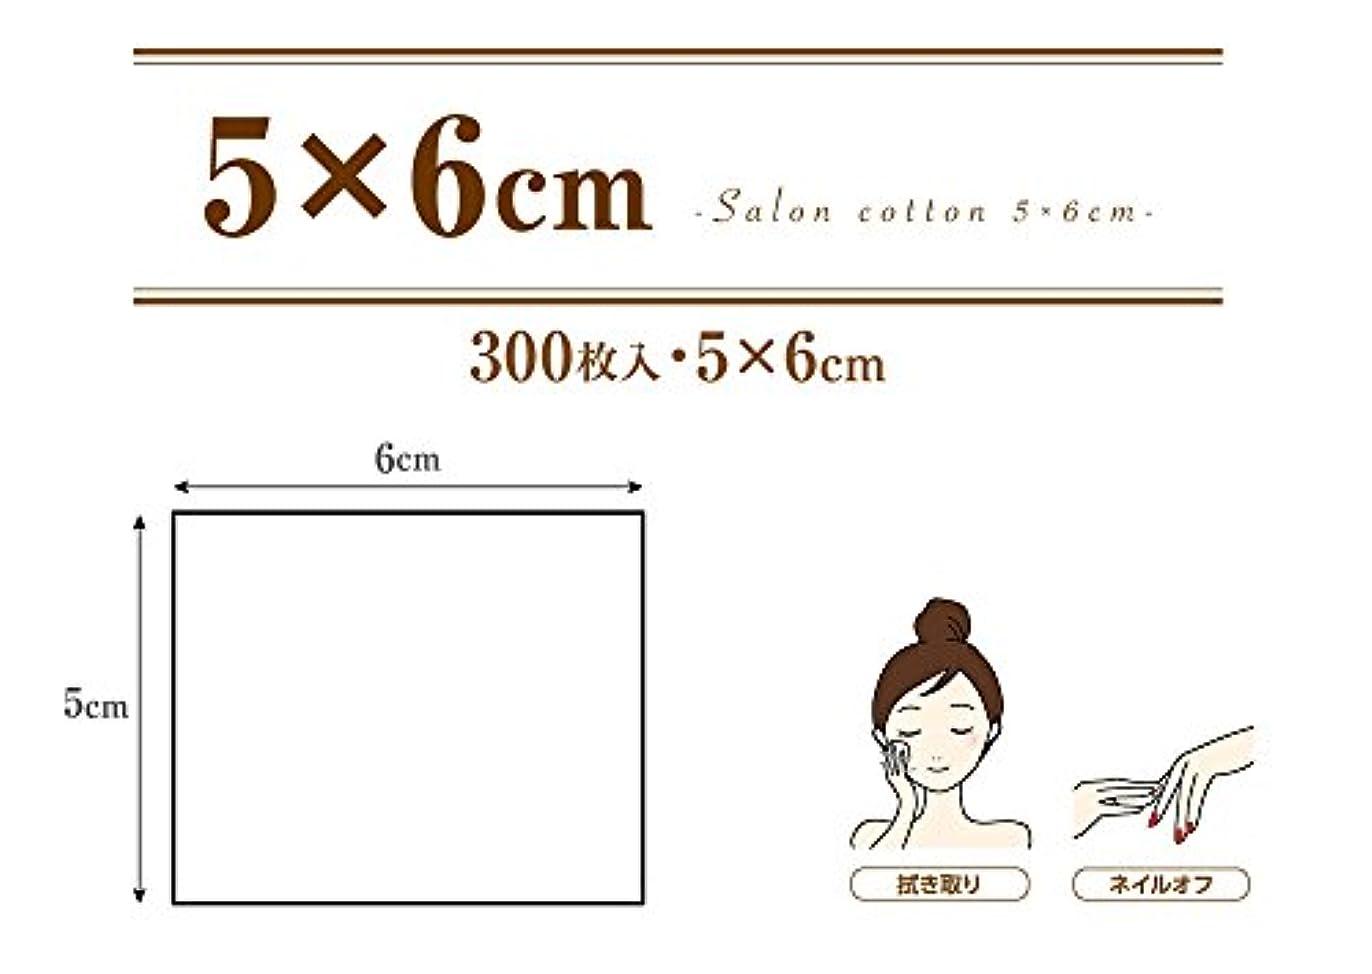 海うんポンペイ業務用 コットンパフ (5×6cm 300枚入 箱入り) サロンコットン 5×6